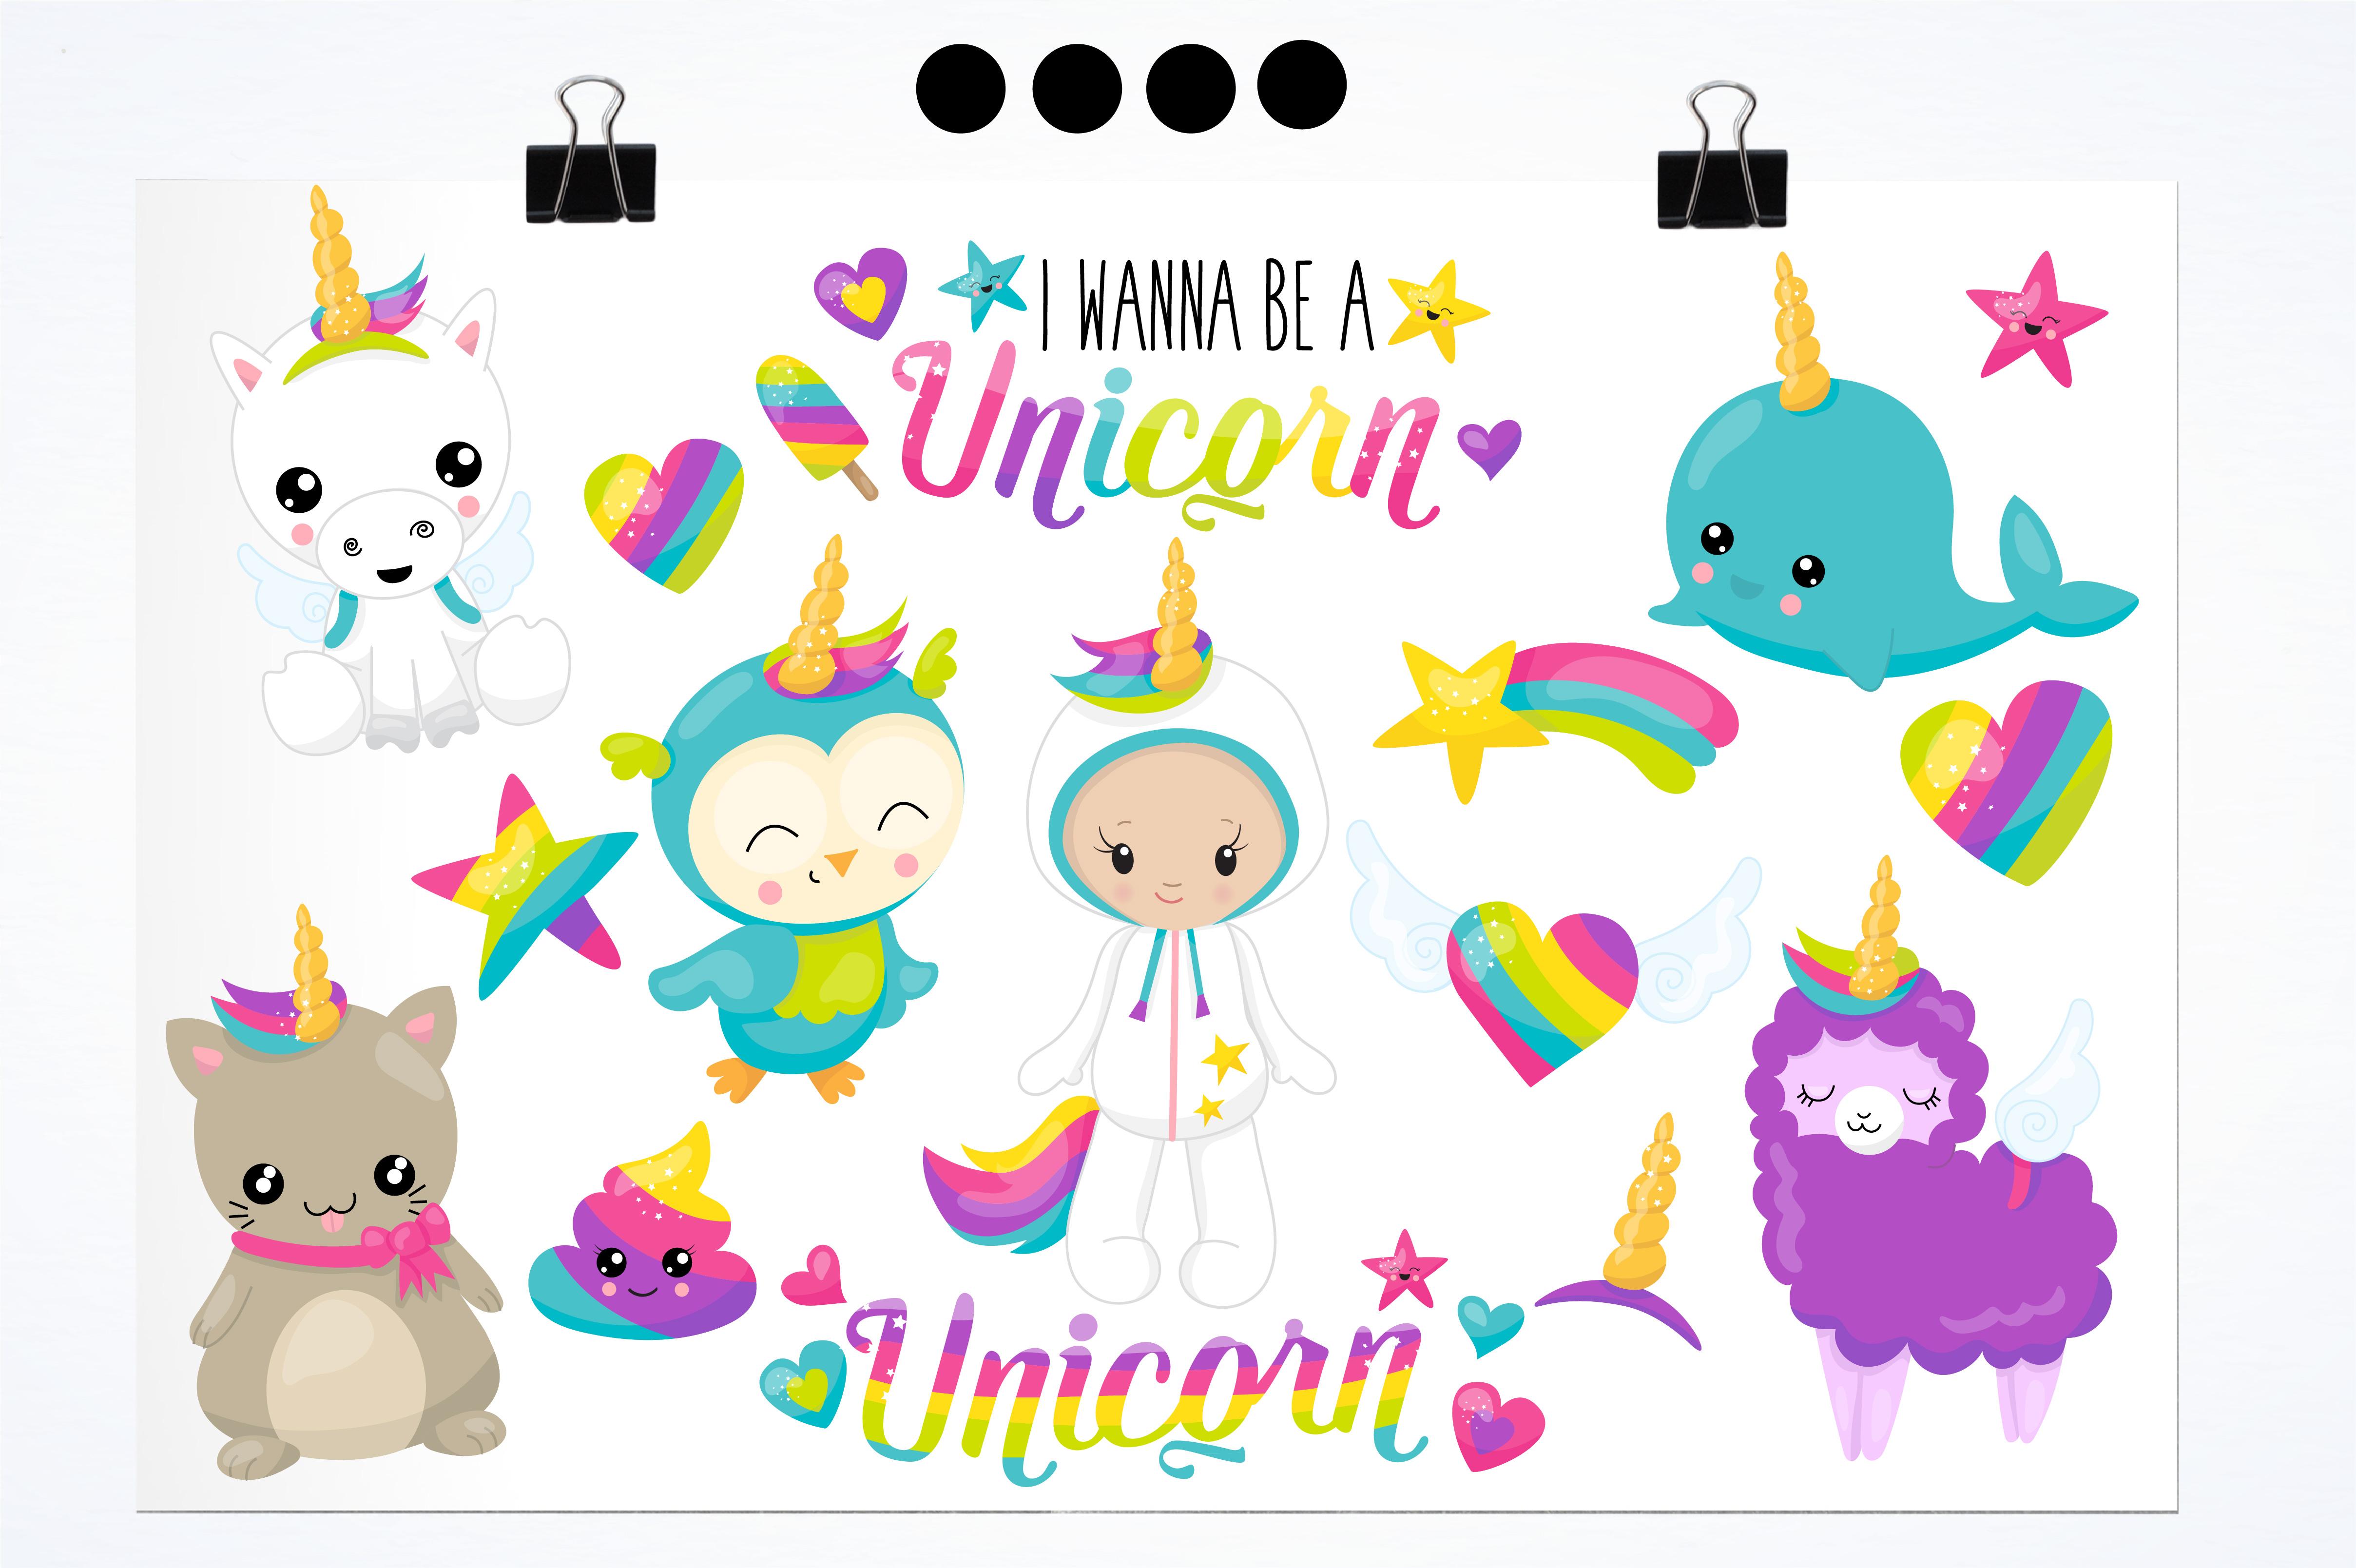 Wannabe unicorn graphics and illustrations example image 2